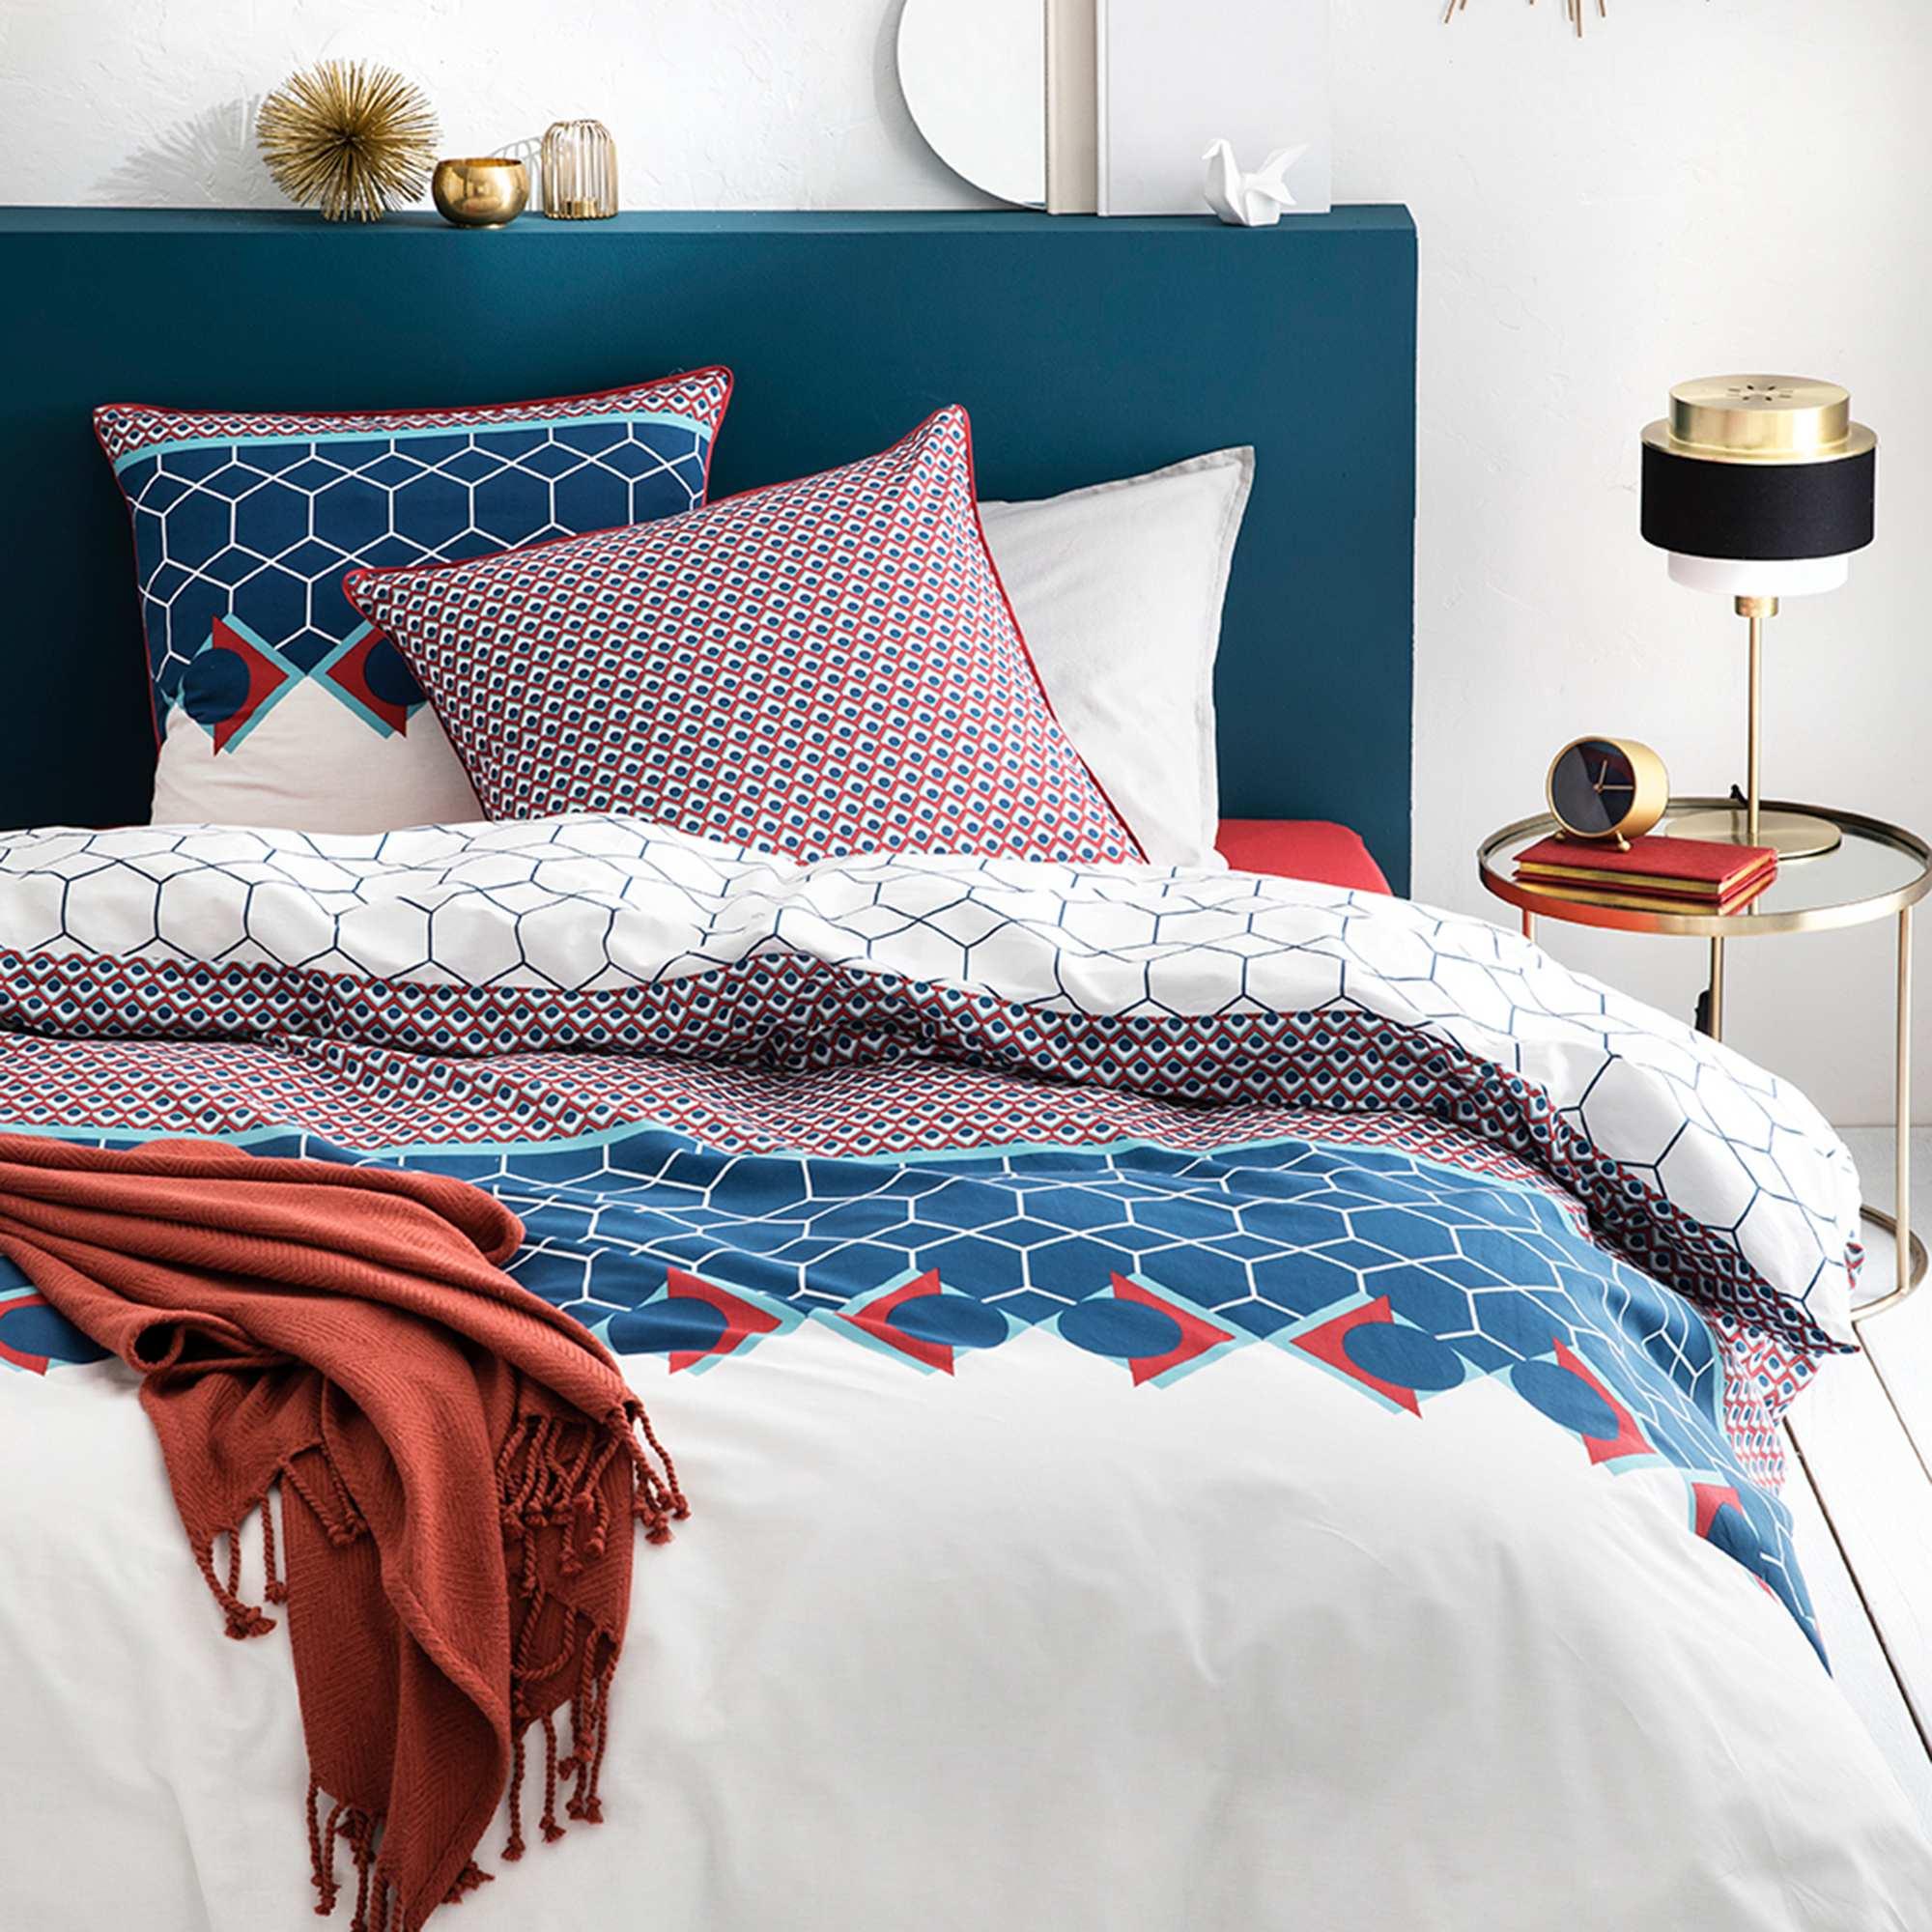 a2c2613dfd3 Juego de cama doble Hogar - azul blanco - Kiabi - 35